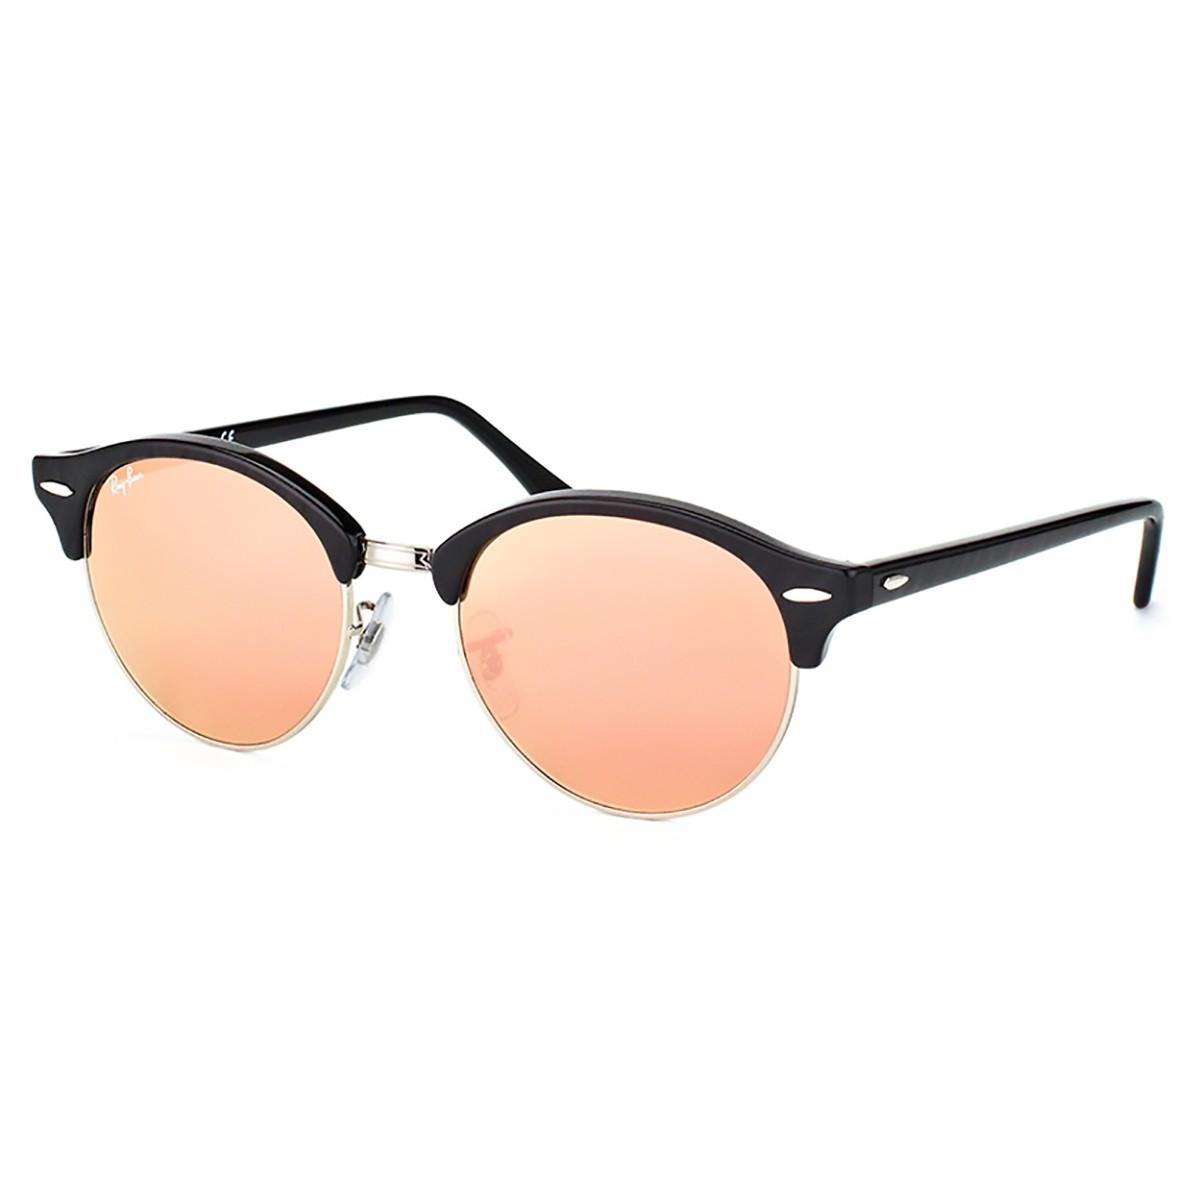 056e4ac75 Compre Óculos de Sol Ray Ban Clubround em 10X   Tri-Jóia Shop